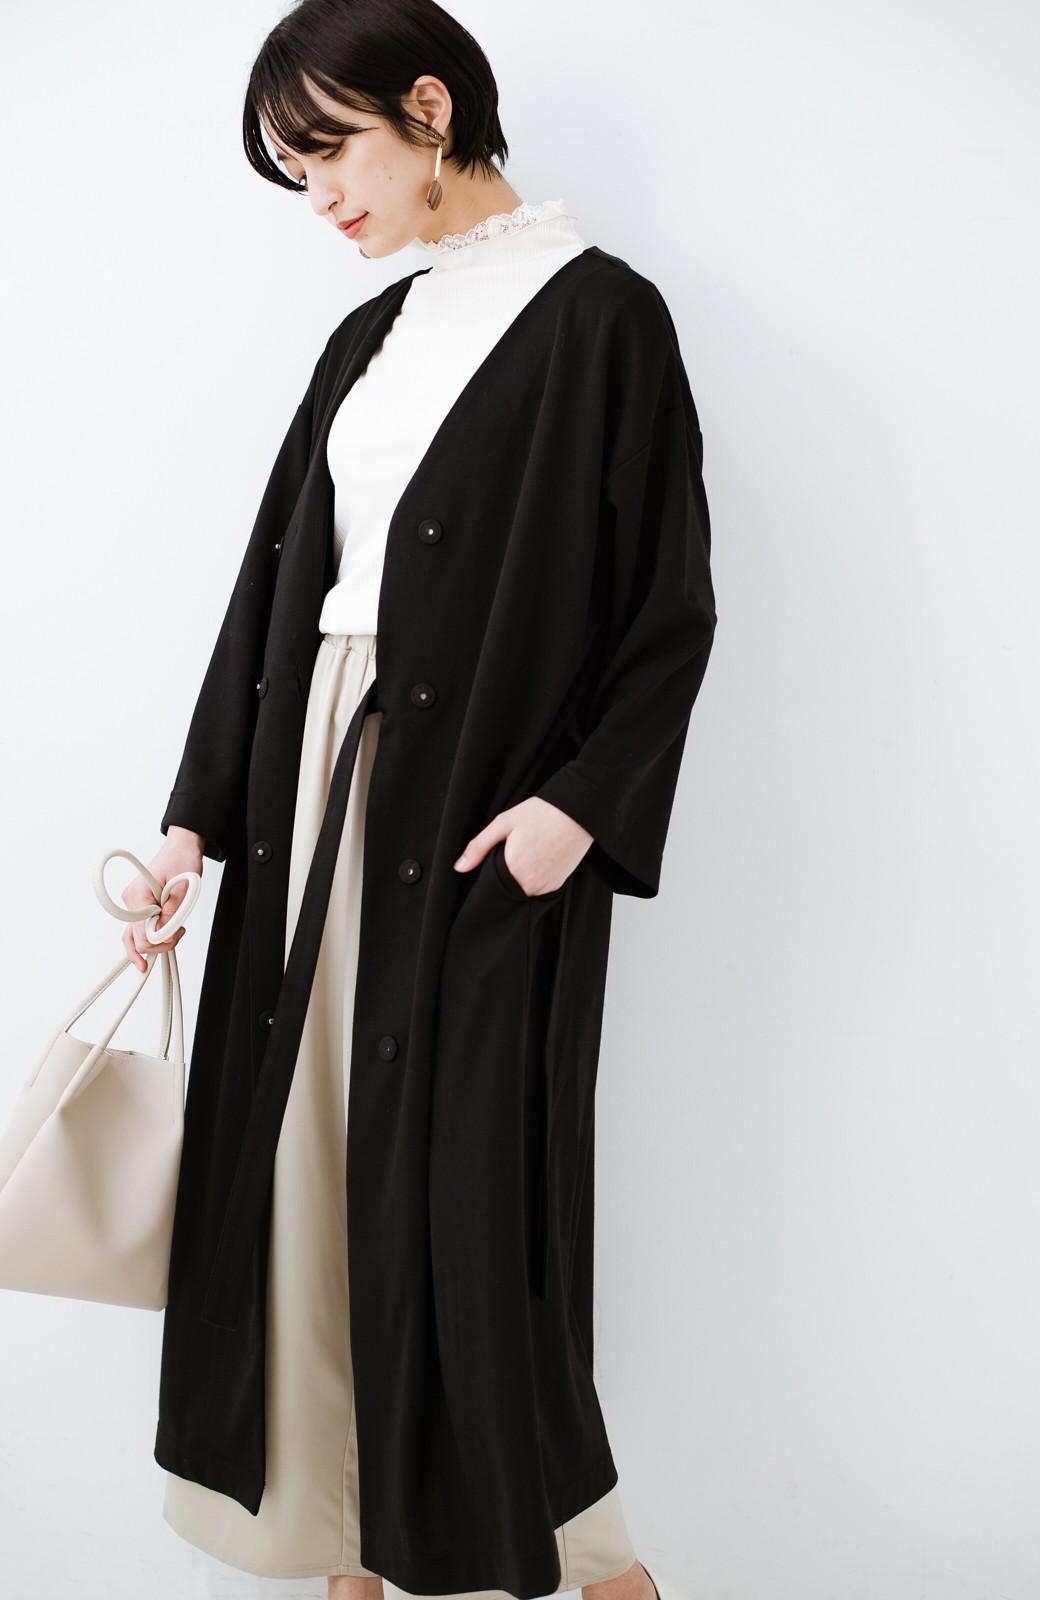 haco! サイドリボンと落ち感が女っぽい 羽織り&重ね着を楽しむカットソーワンピース <ブラック>の商品写真24